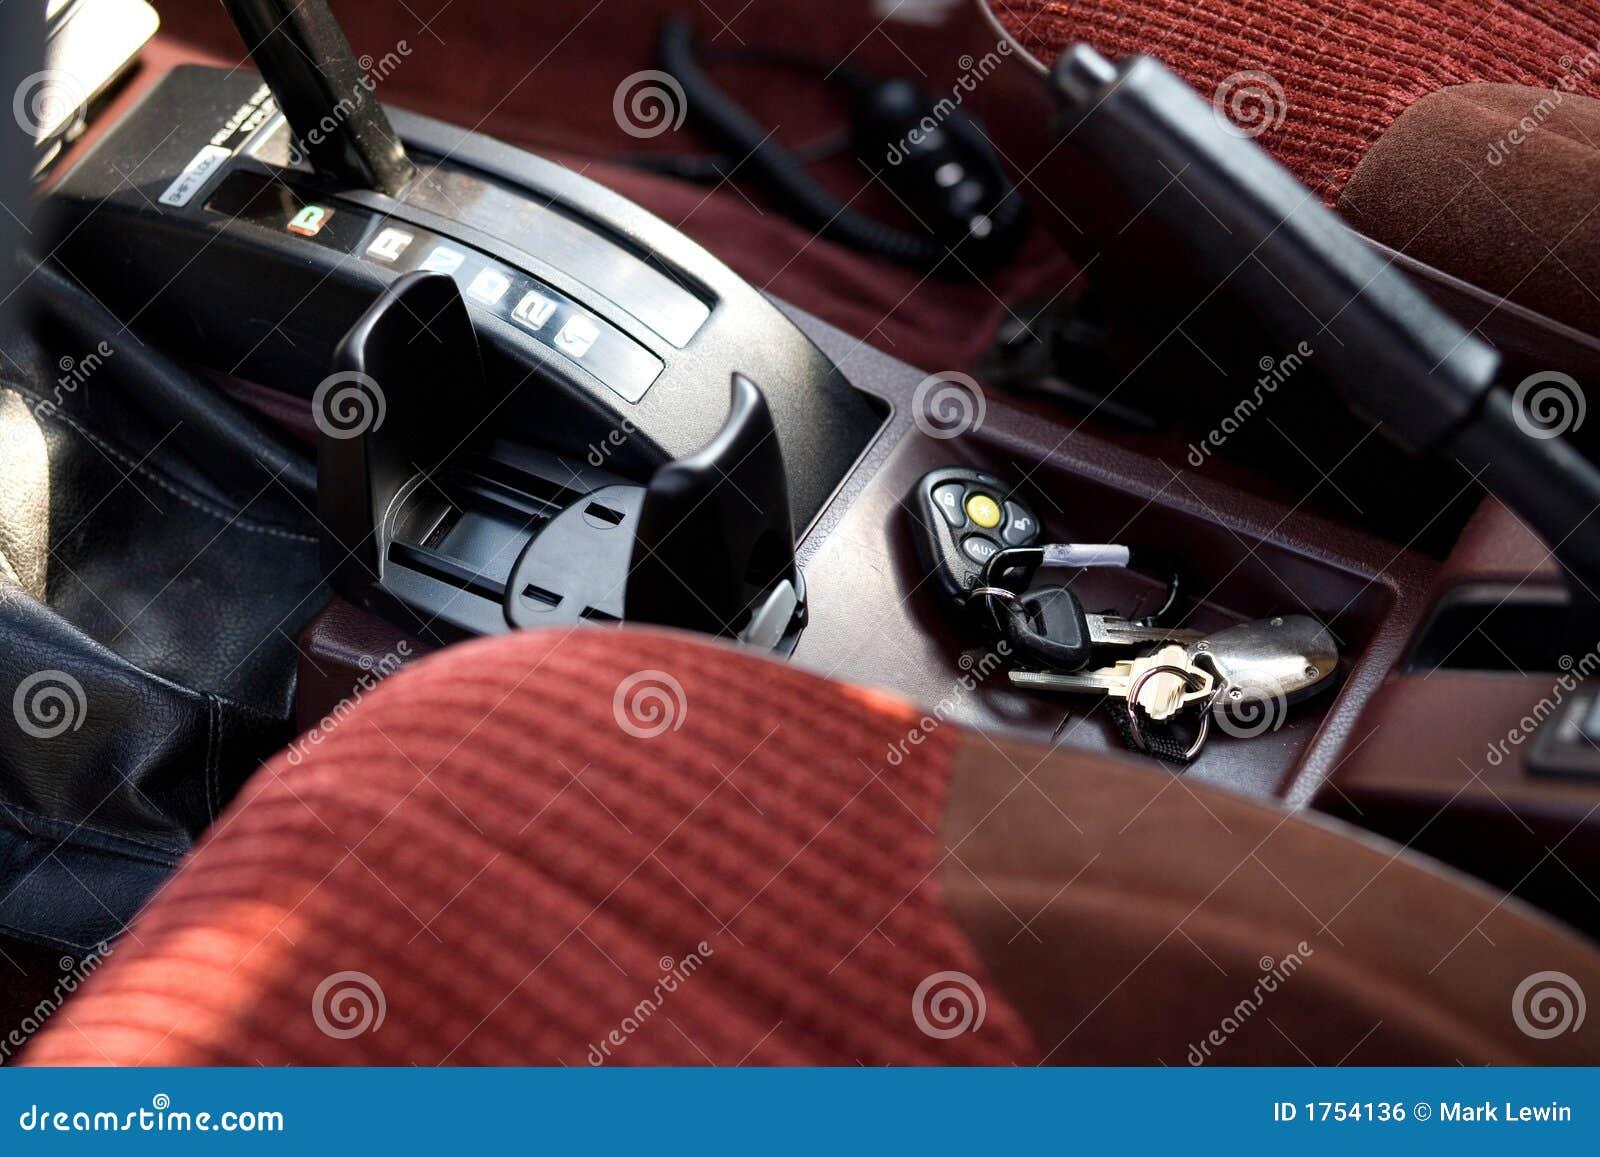 Auto-Innenraum mit den Tasten vergessen